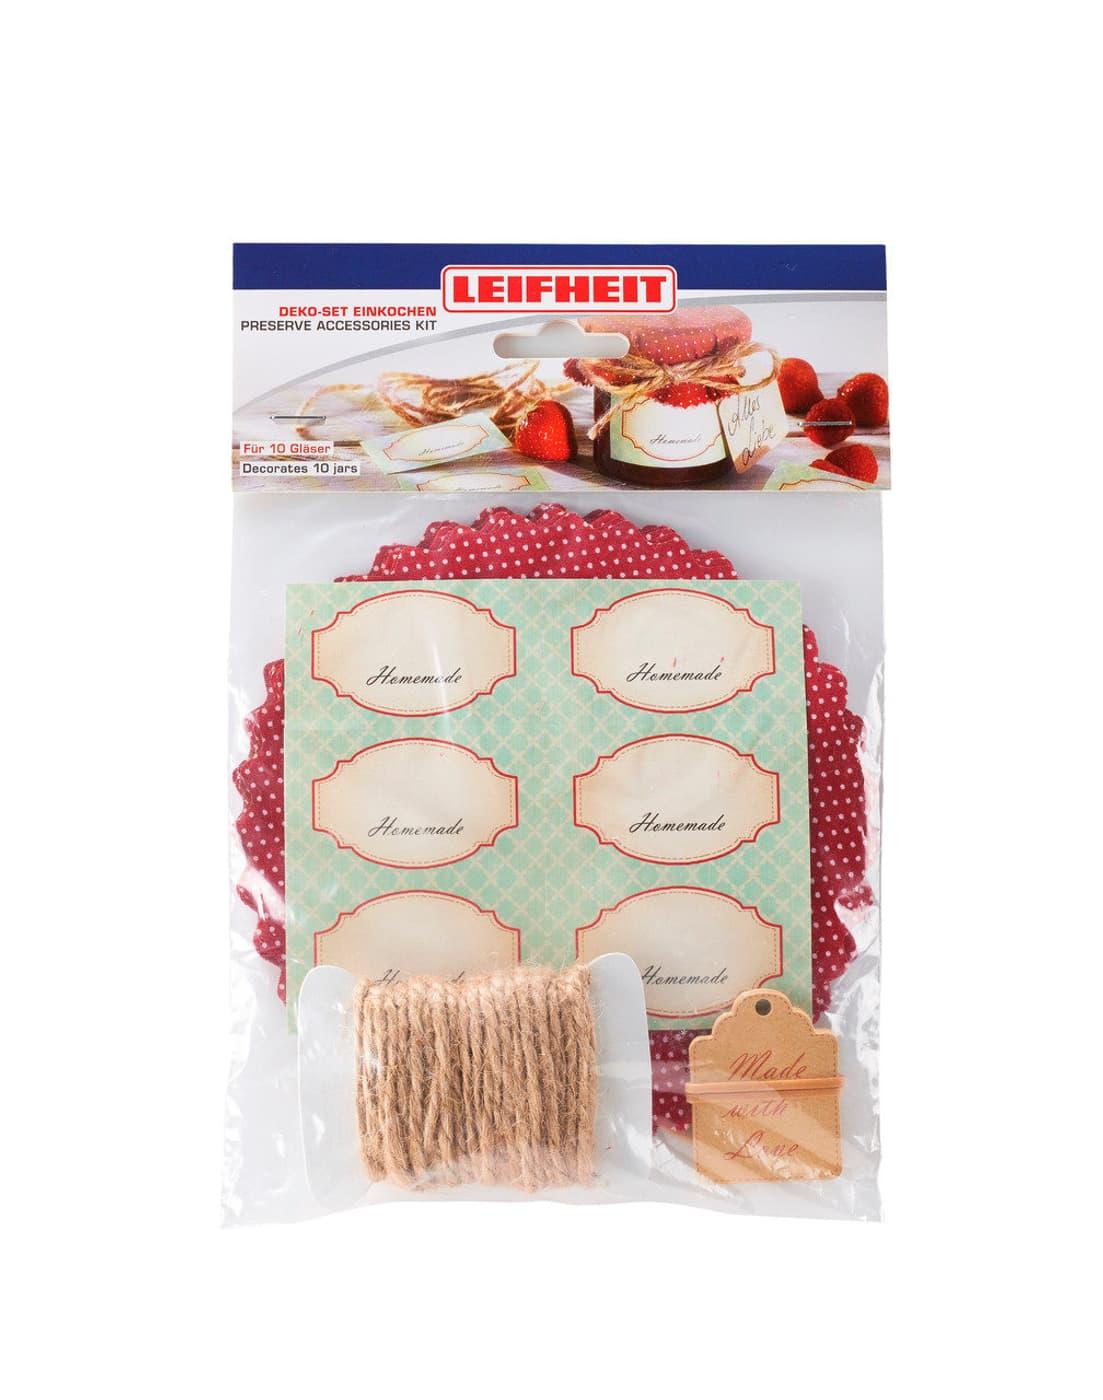 Berühmt Kuchenküchendekor Sets Ideen - Ideen Für Die Küche ...